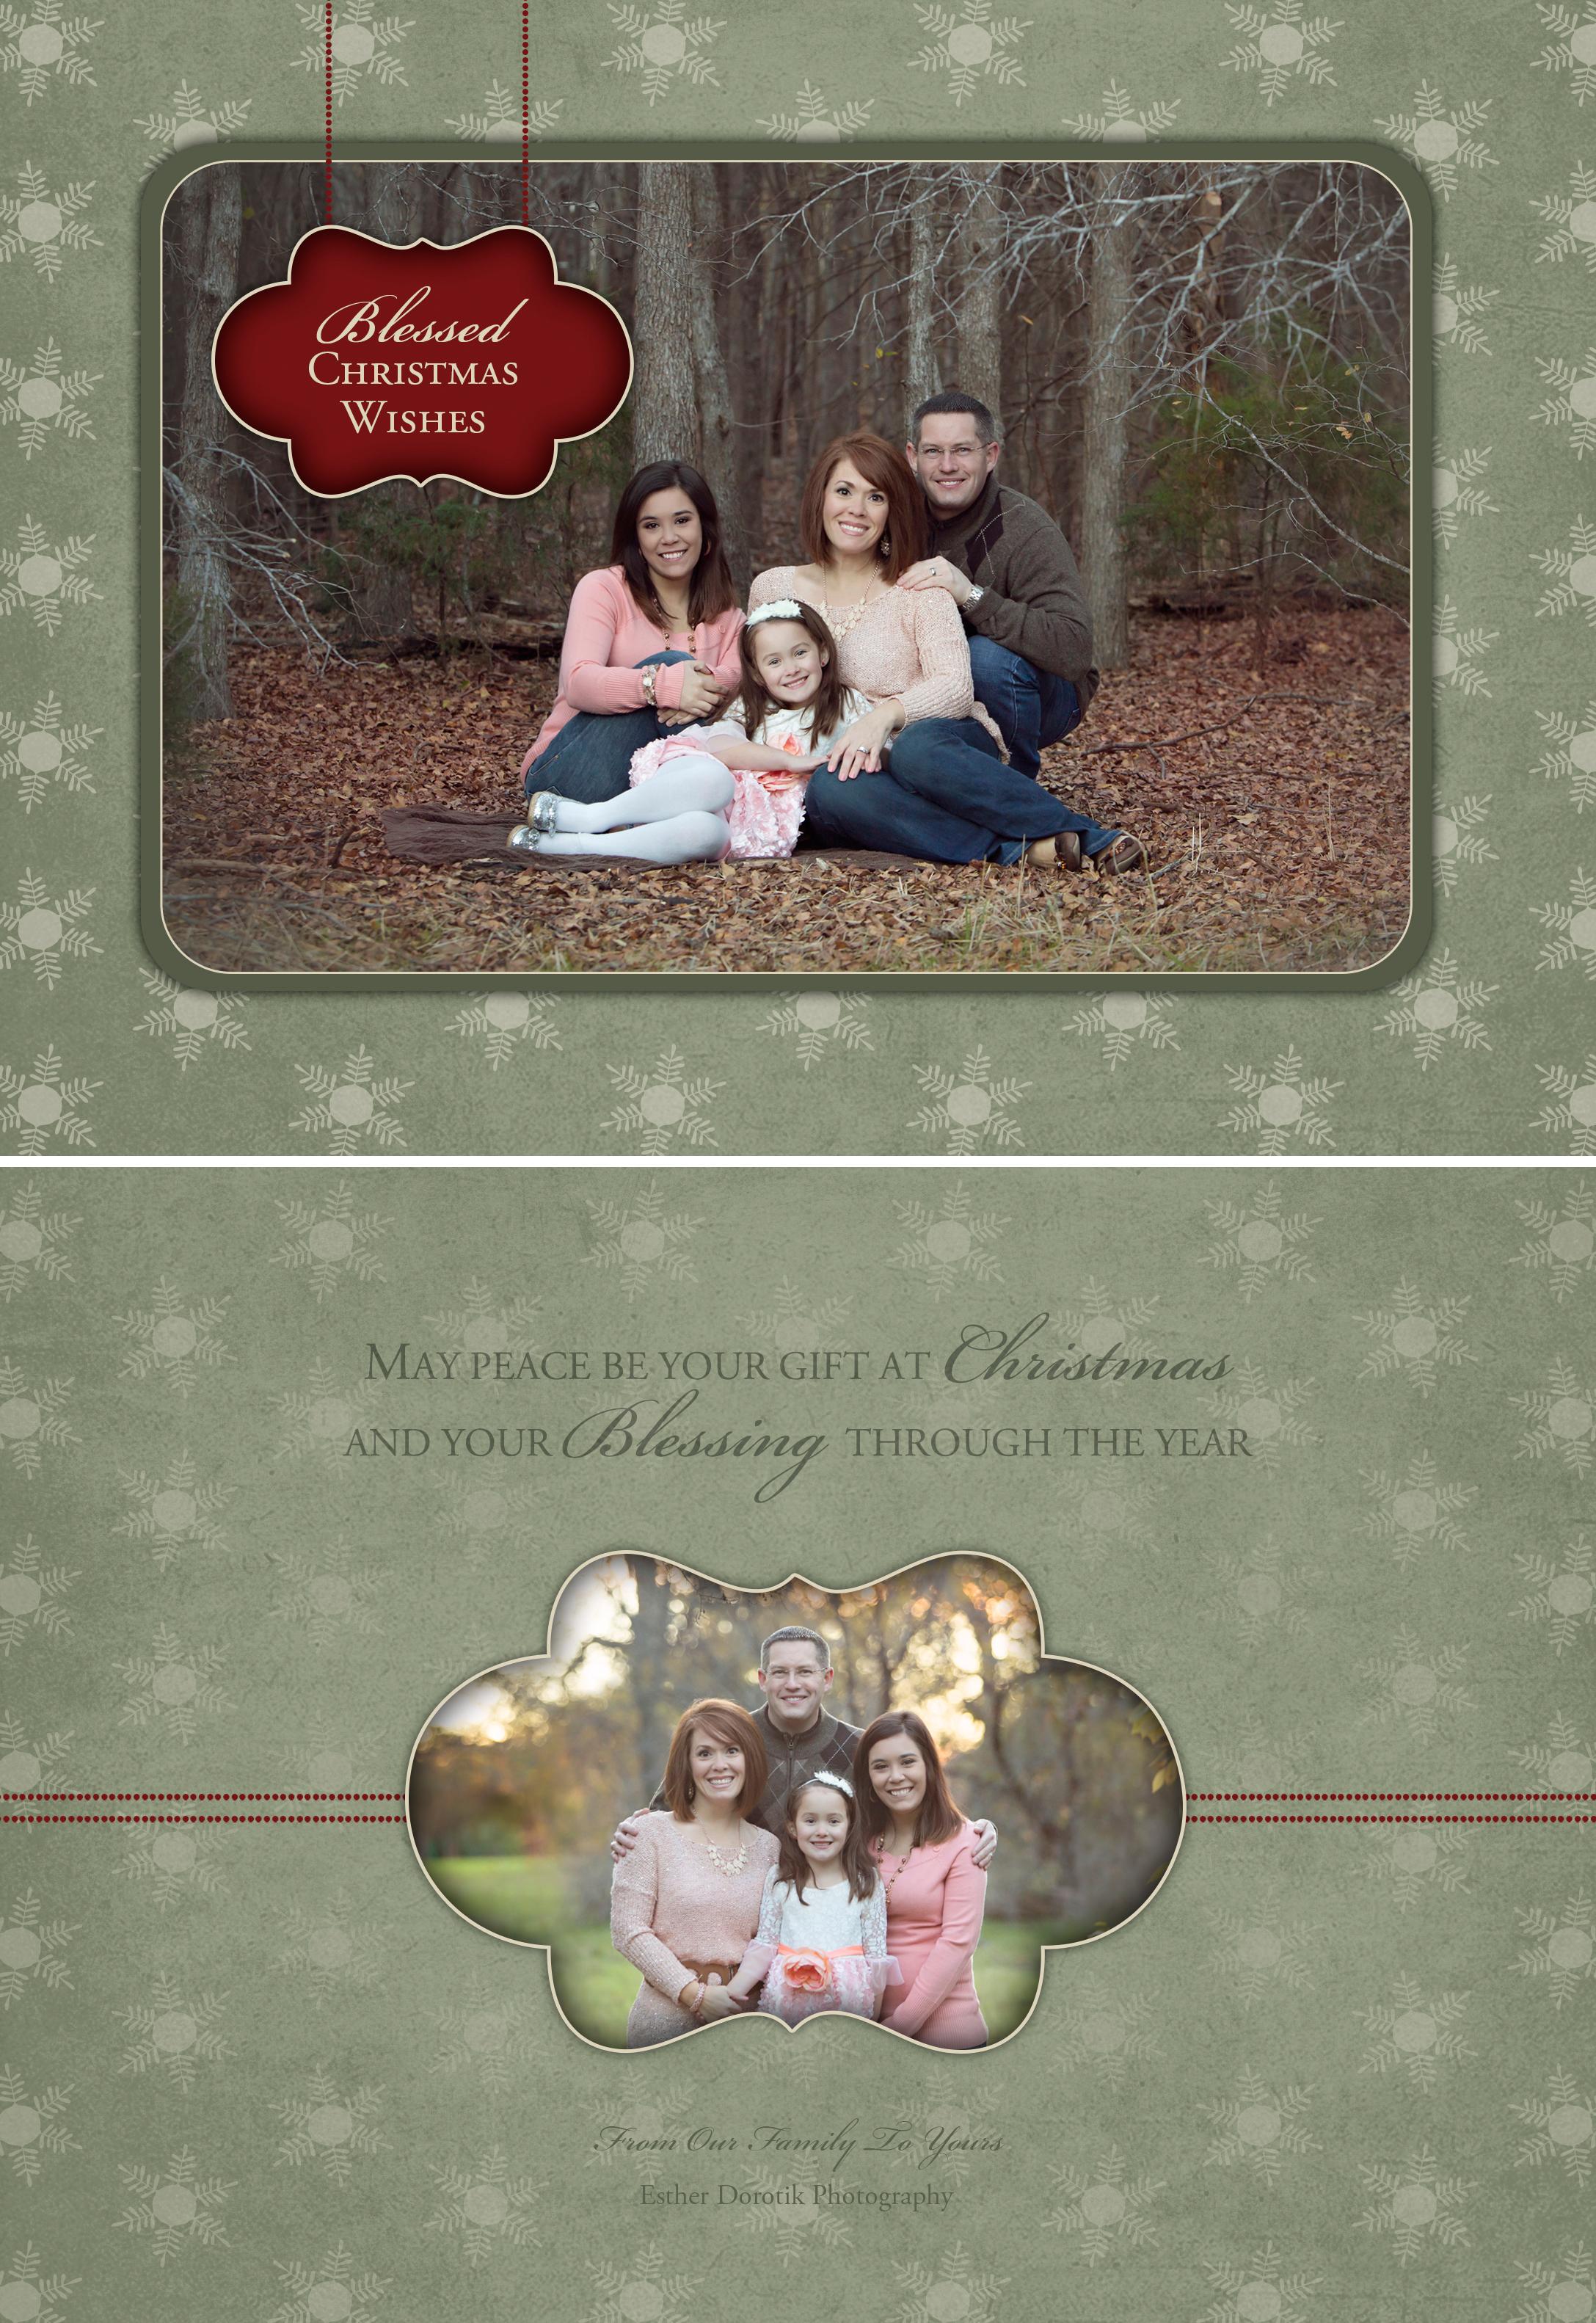 DFW family photographer